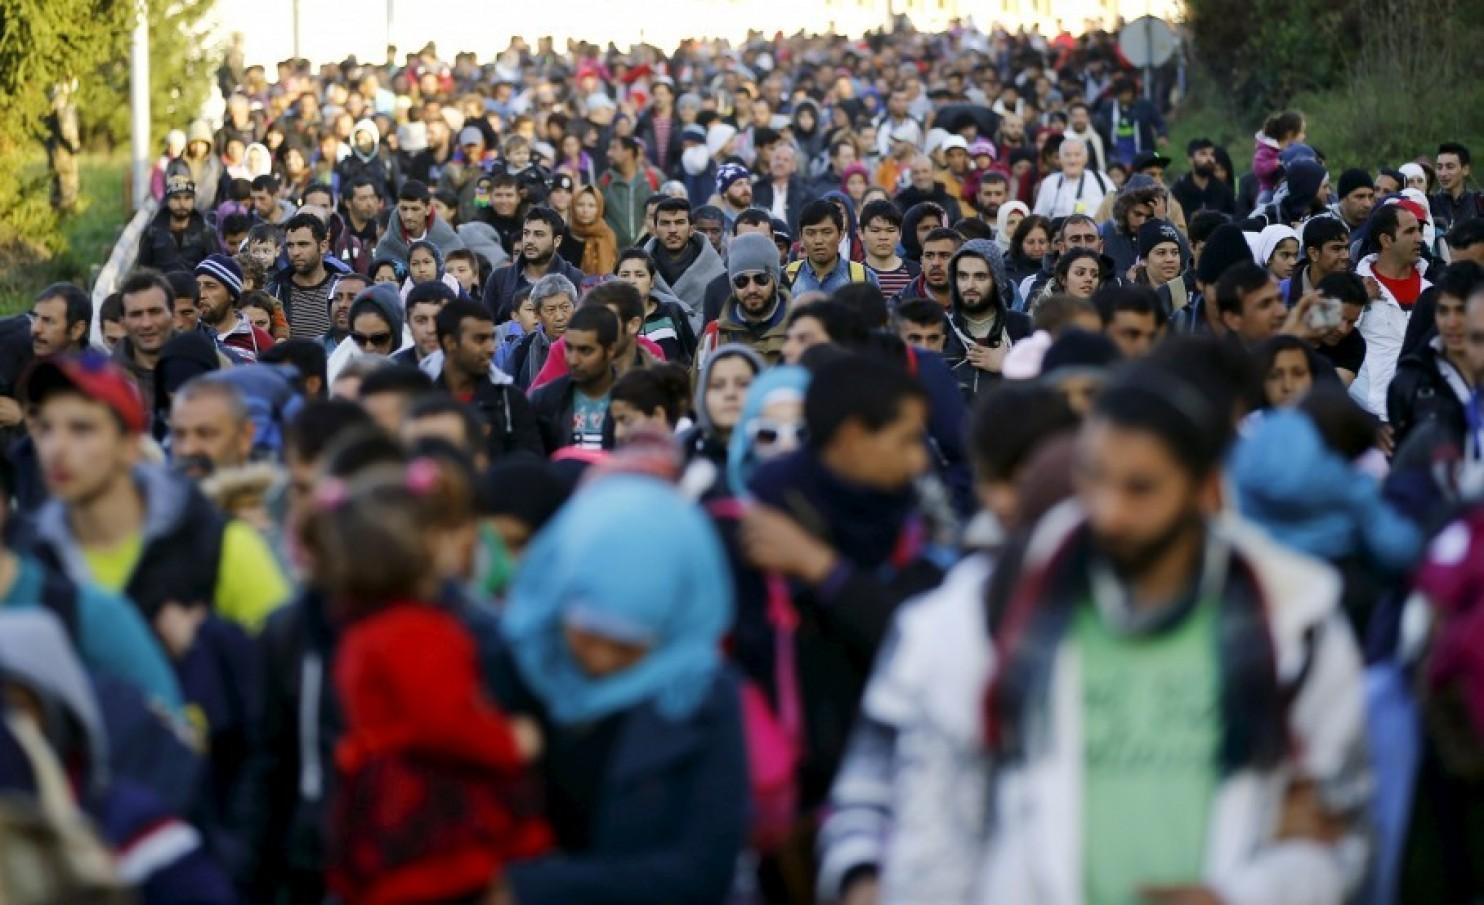 راستگرایان افراطی اتریش خواستار ممنوعیت کامل اسلام